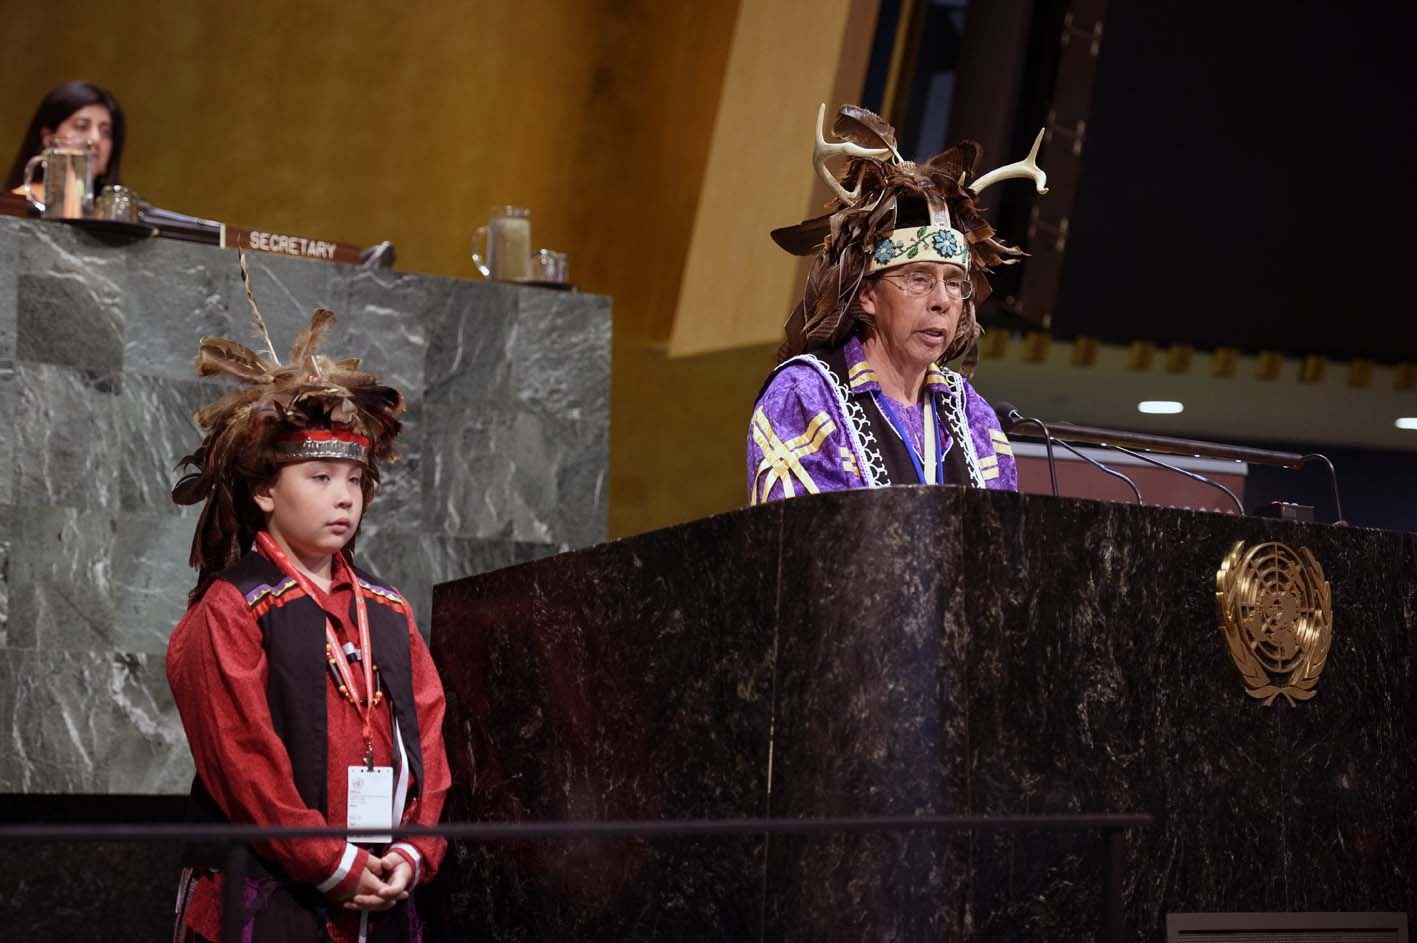 Нью-Йорк: 18-та сесія Постійного форуму ООН з питань корінних народів